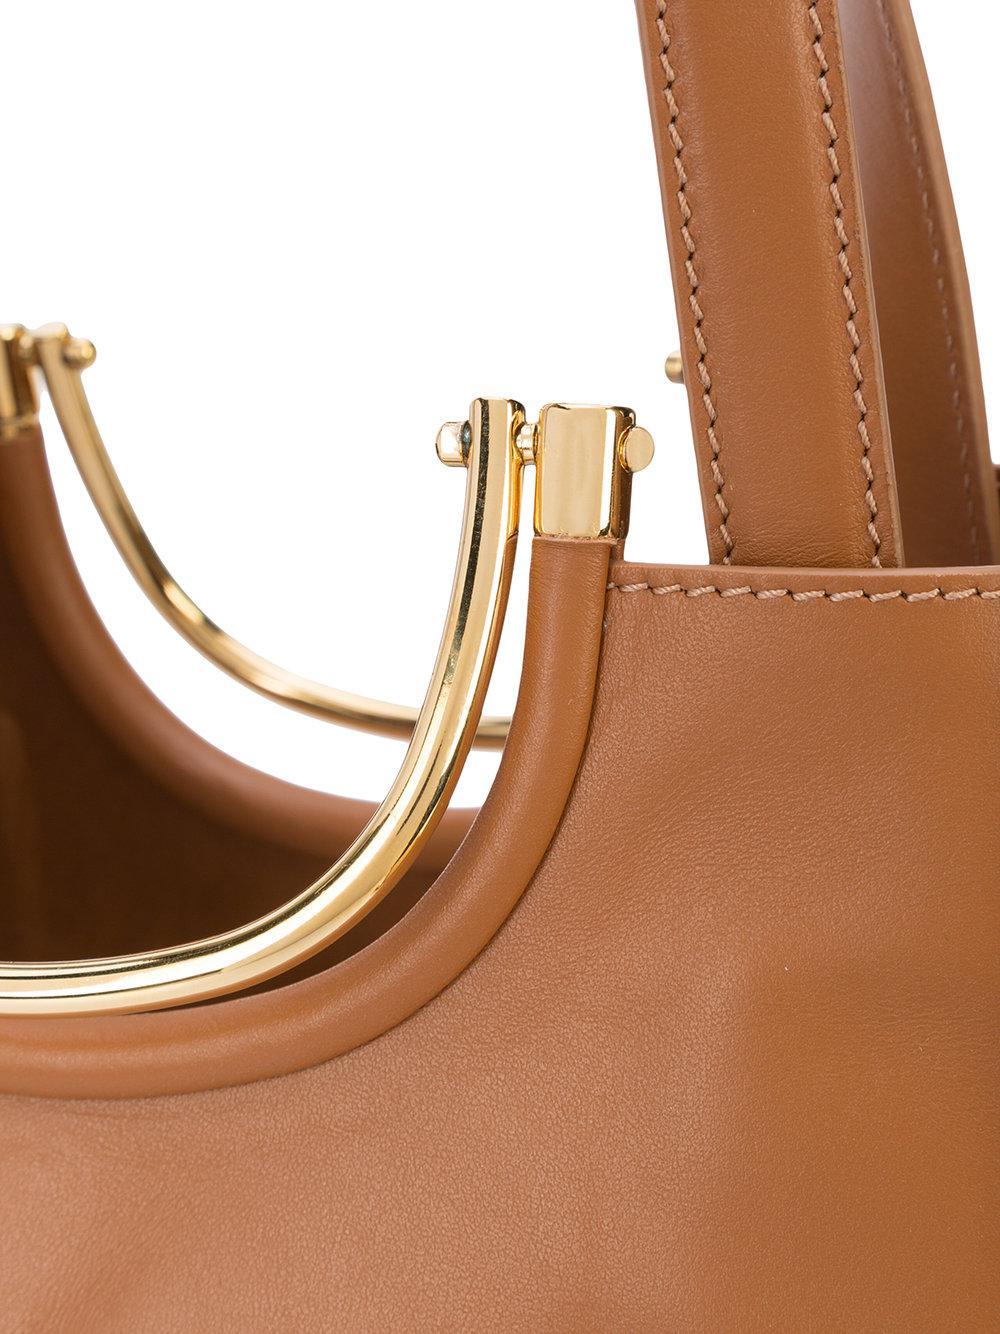 10 Crosby Derek Lam Leather Large Tote Bag in Brown